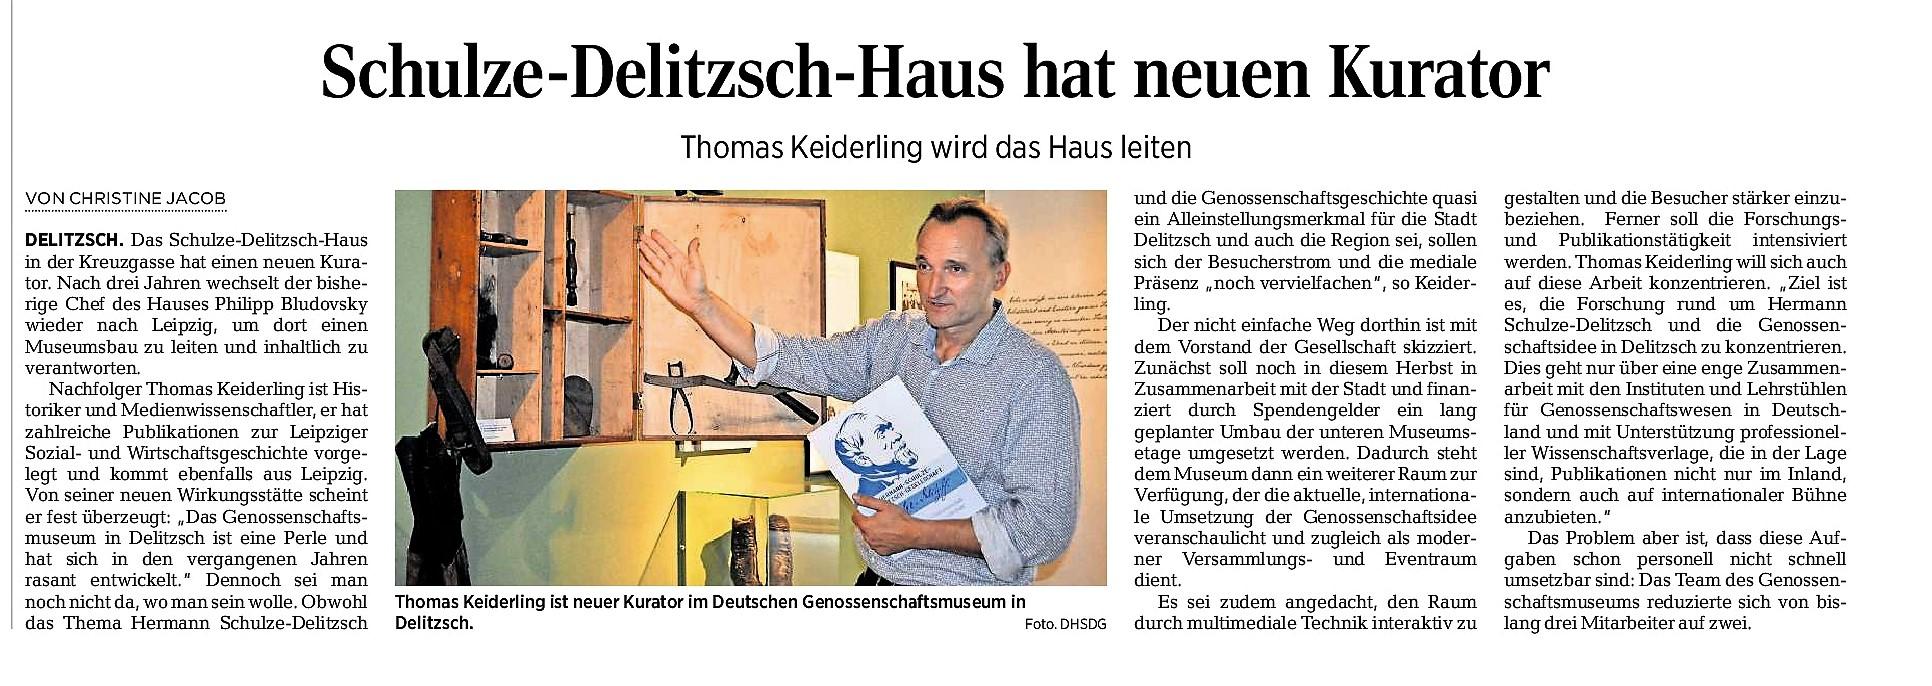 Leitender Kurator Deutsches Genossenschaftsmuseum